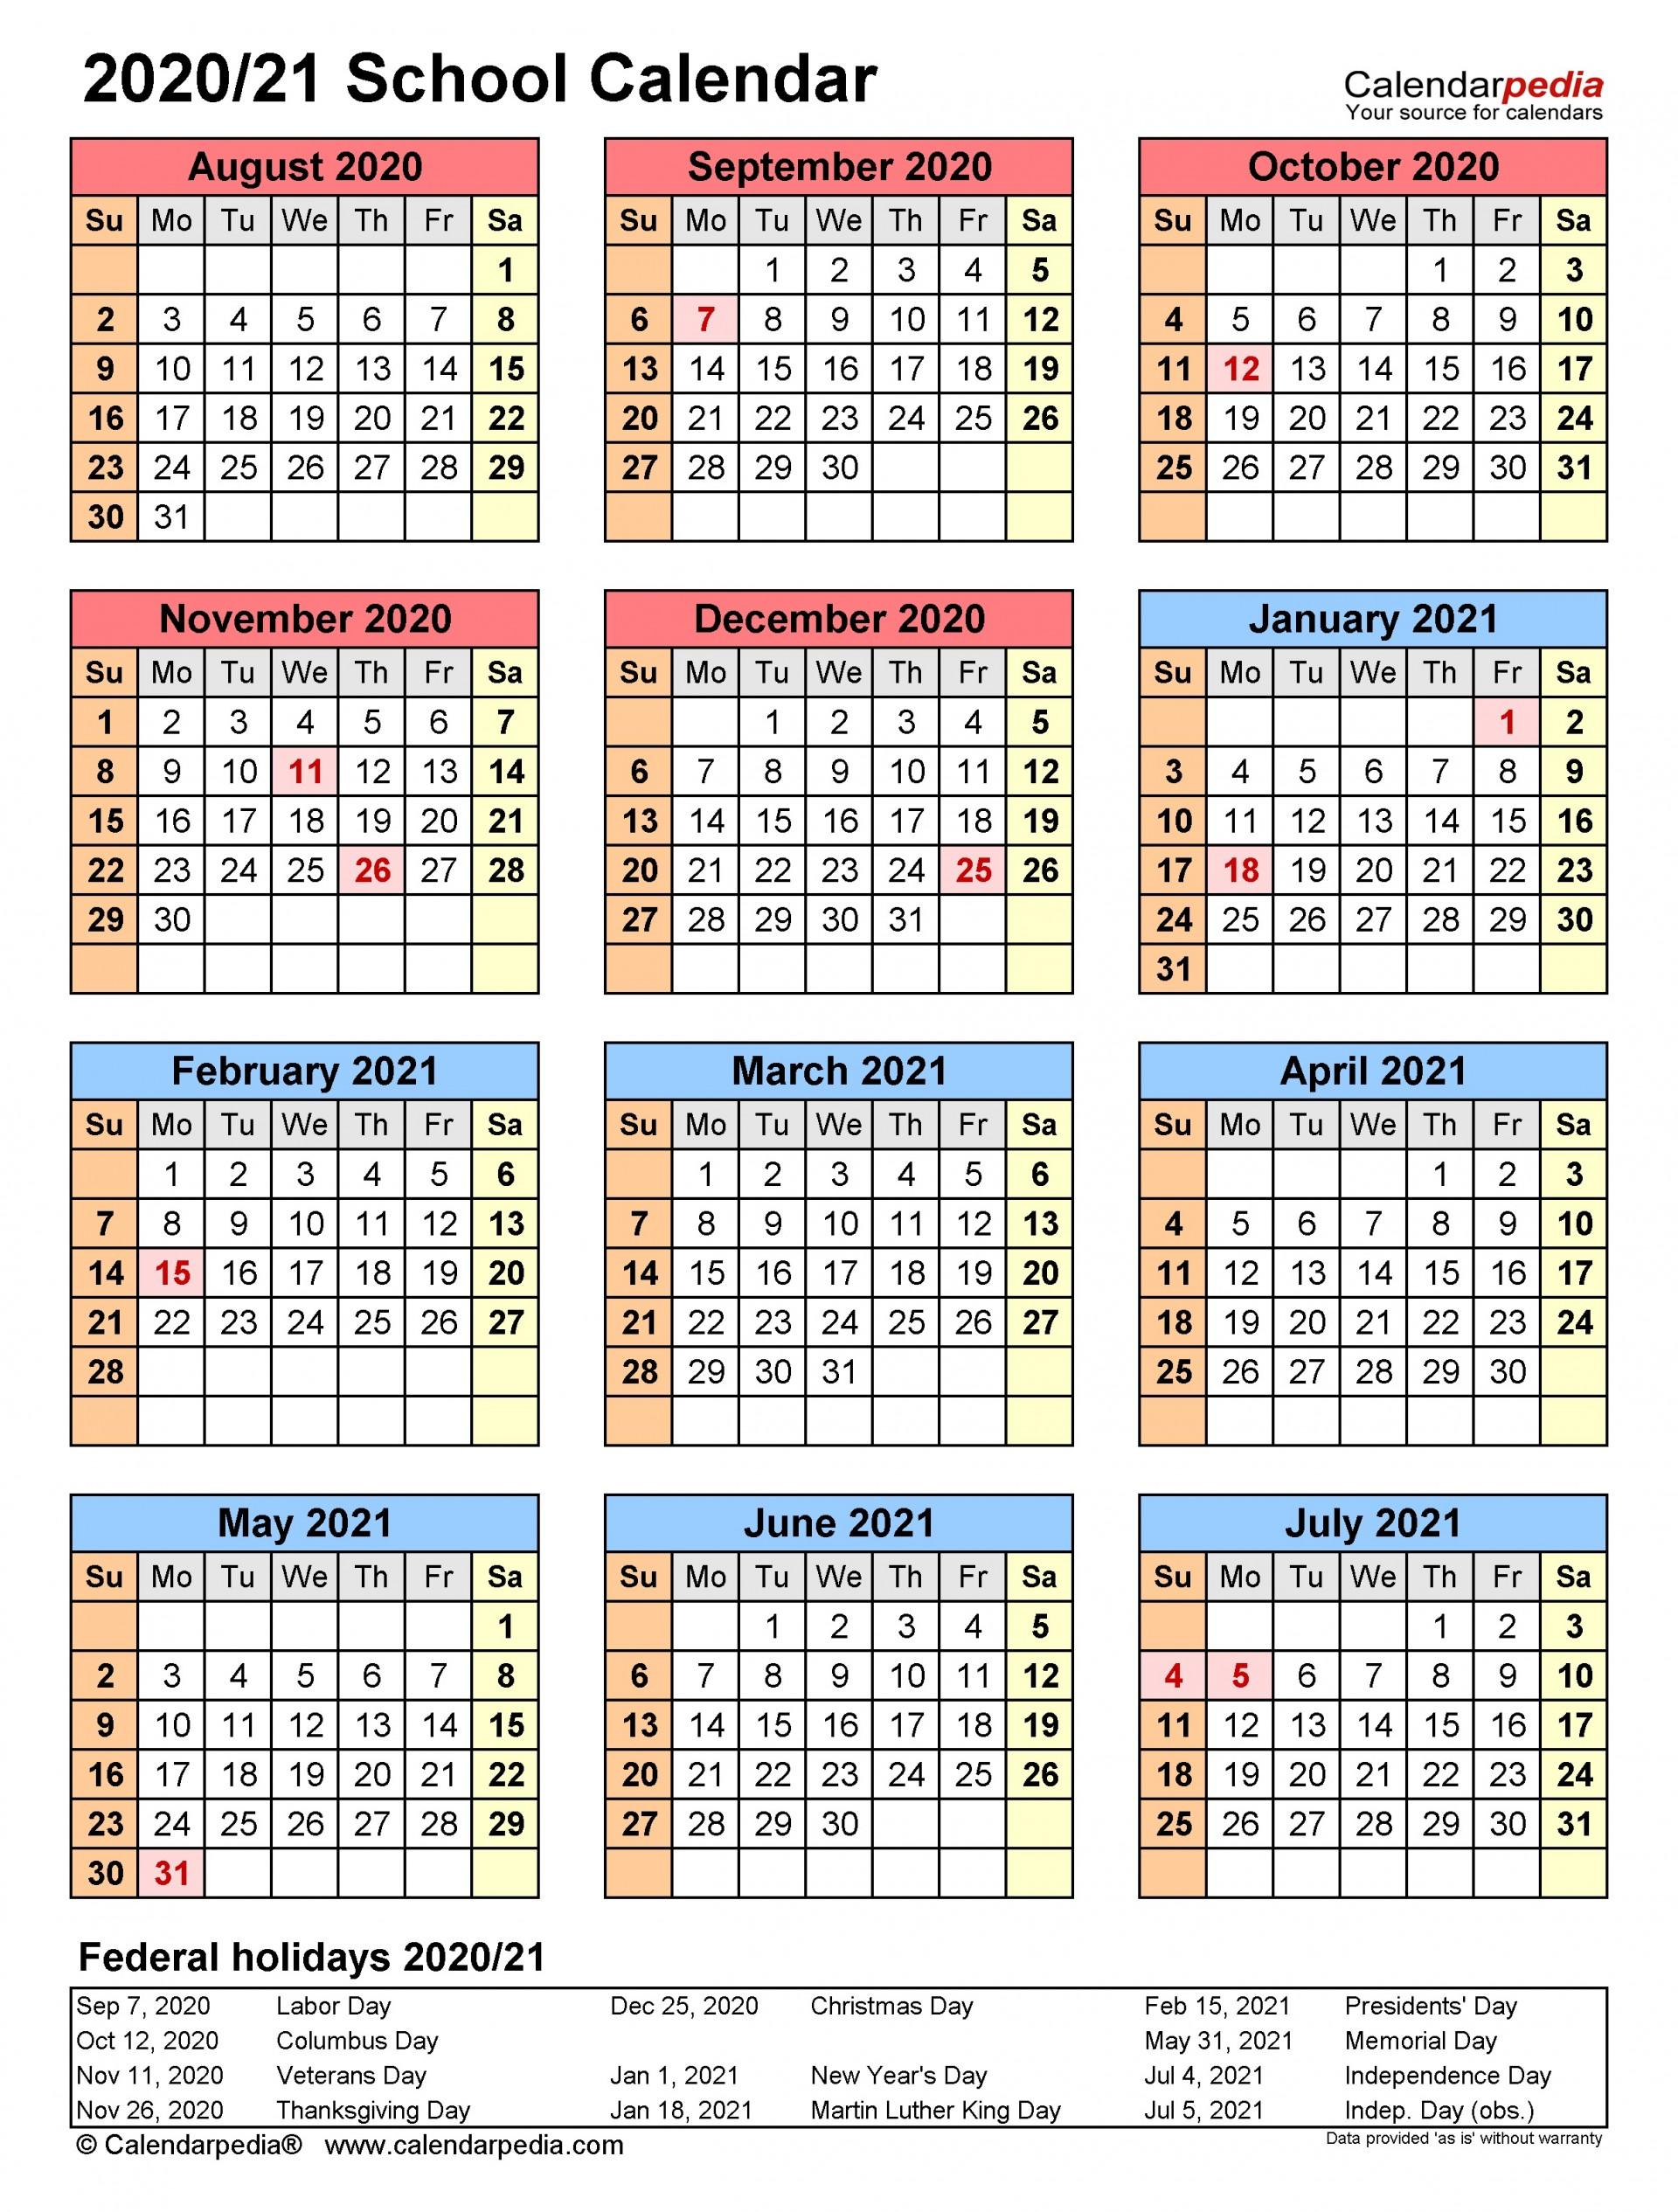 003 Unusual School Year Calendar Template High Definition  Excel 2019-20 Word1920